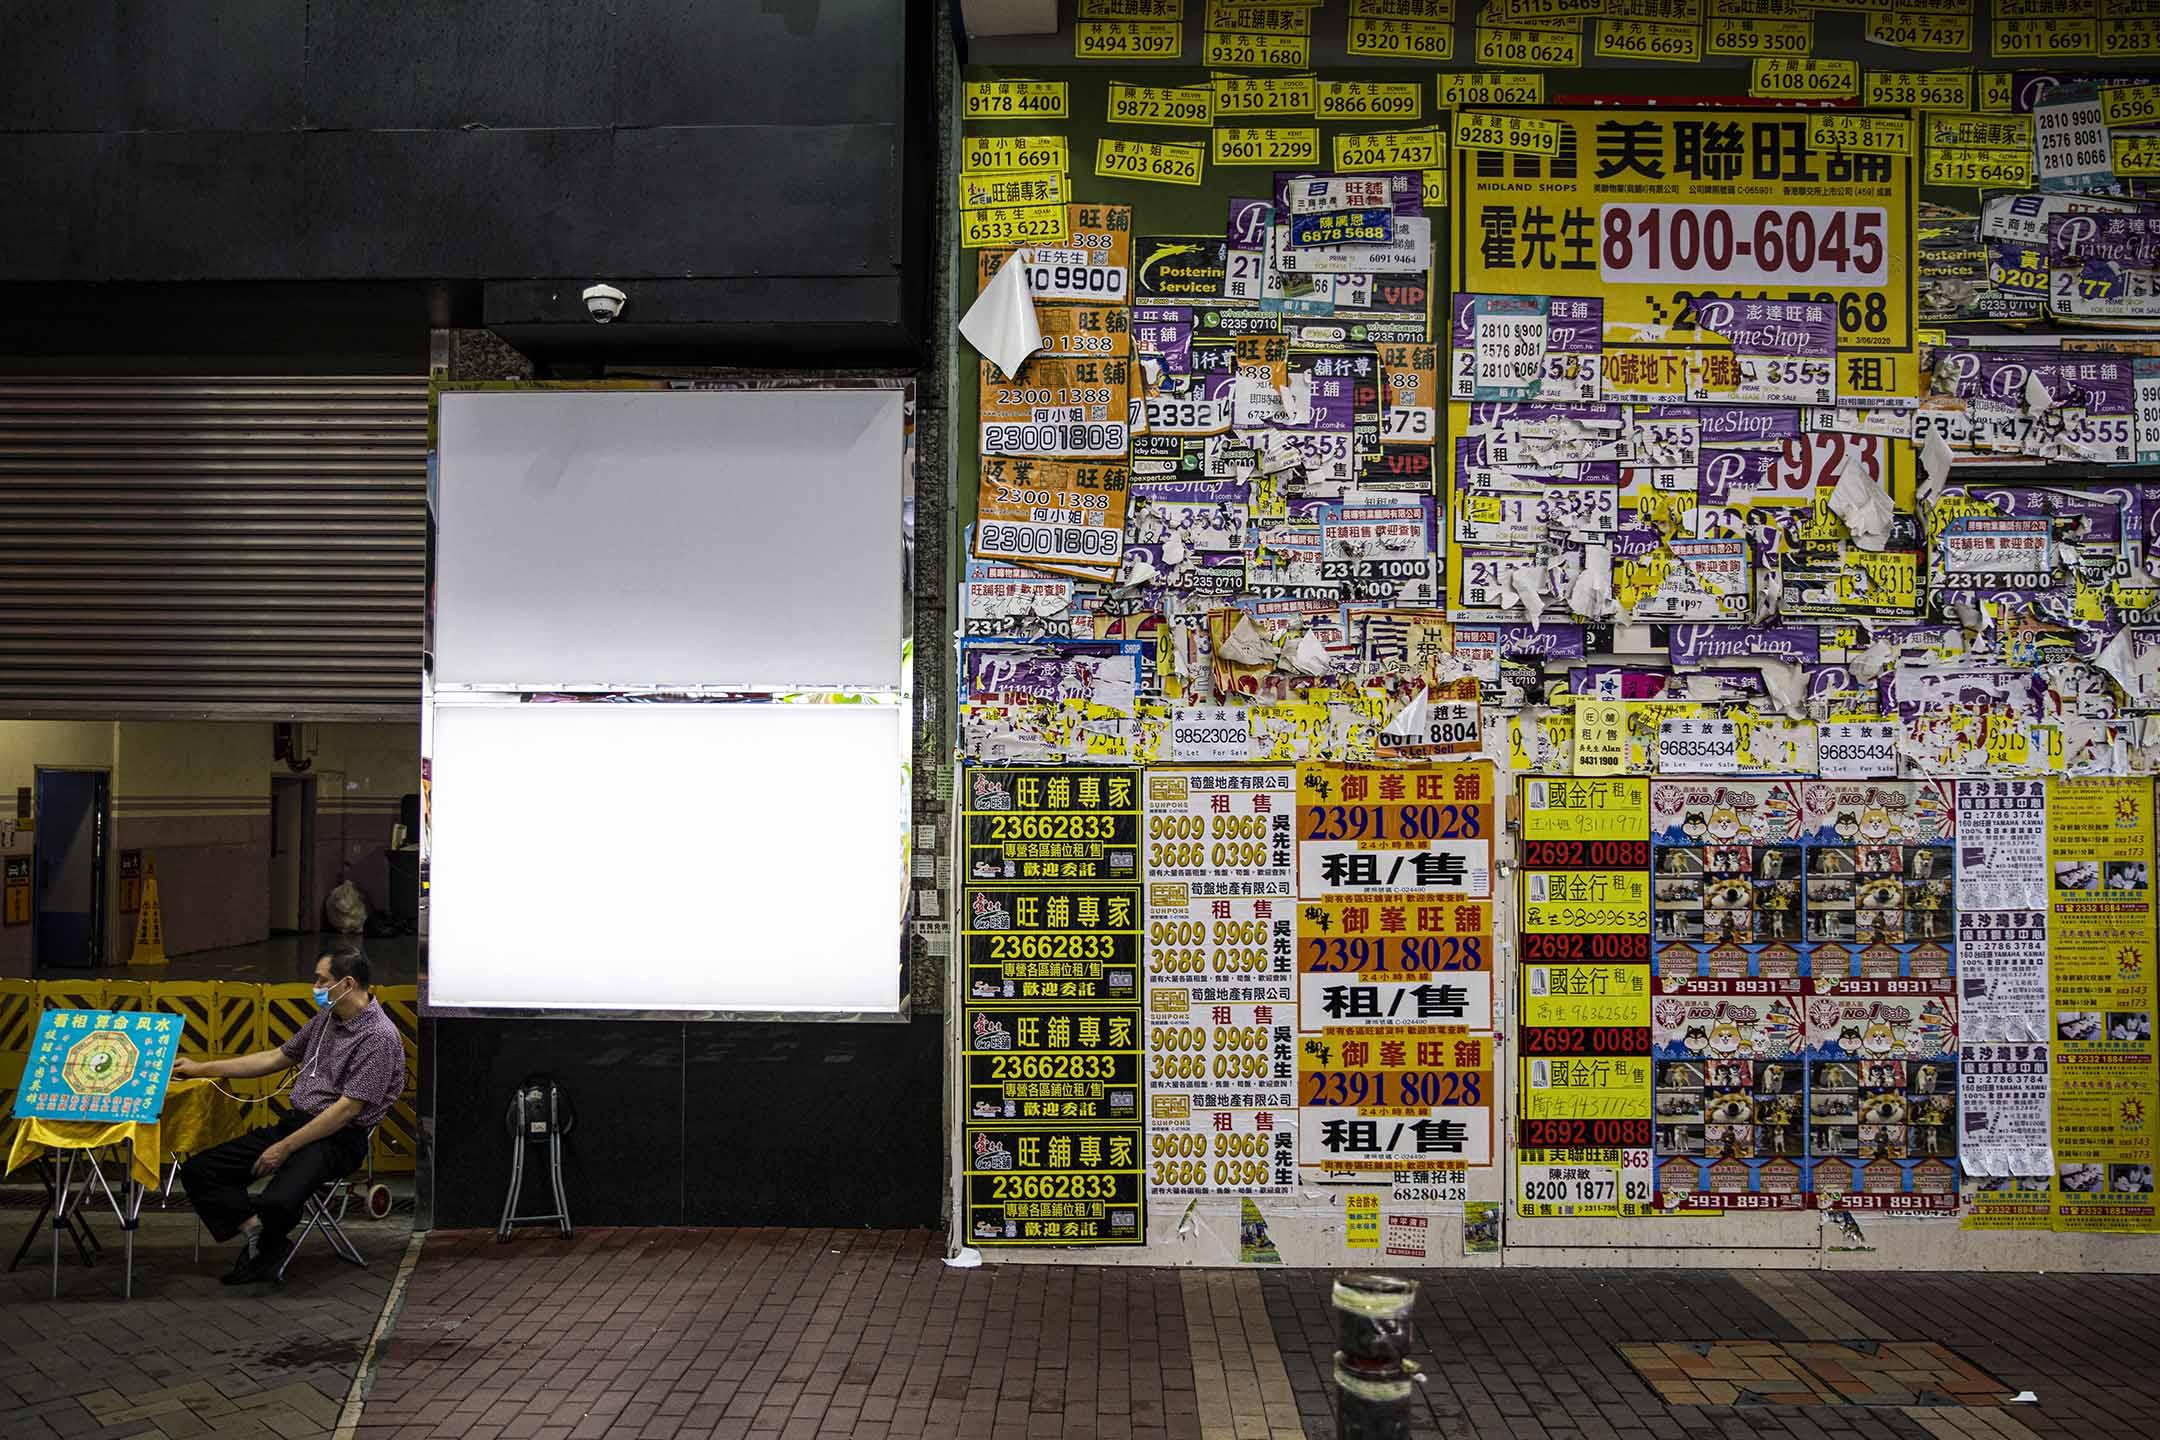 2020年8月4日旺角,一間貼滿招租廣告的空鋪。